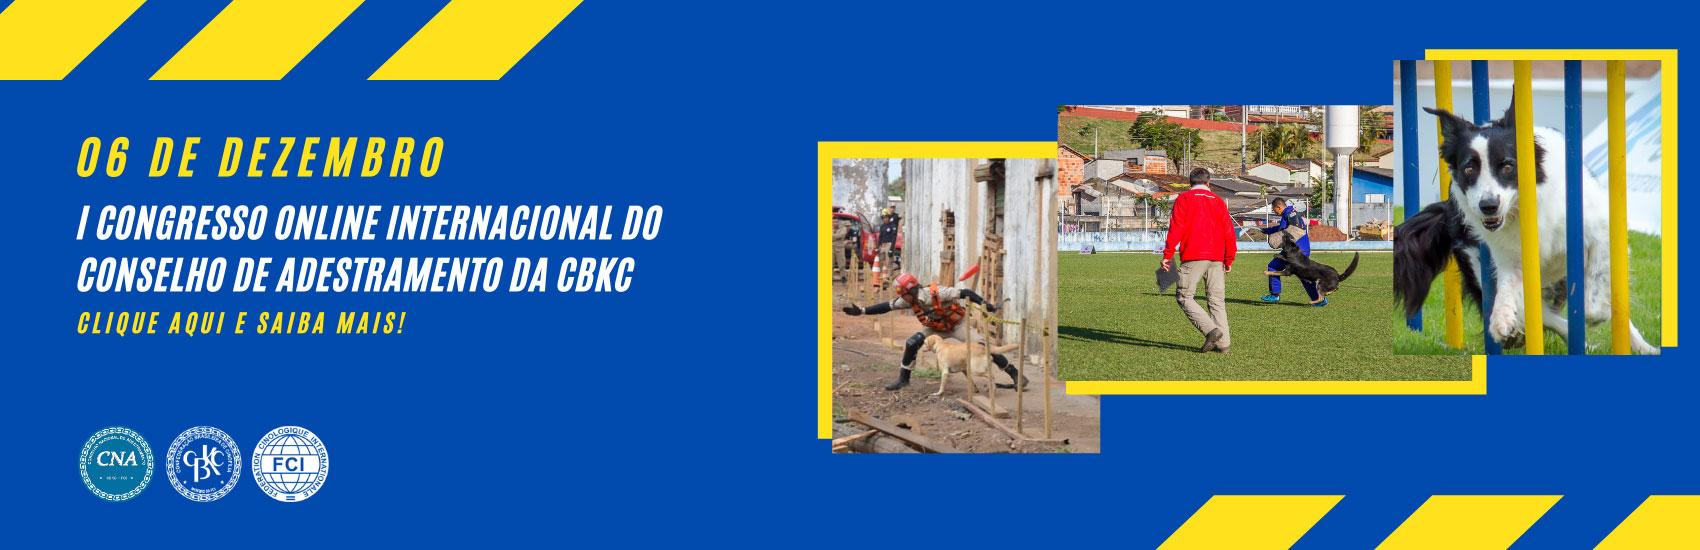 CBKC - Congresso Conselho de Adestramento da CBKC